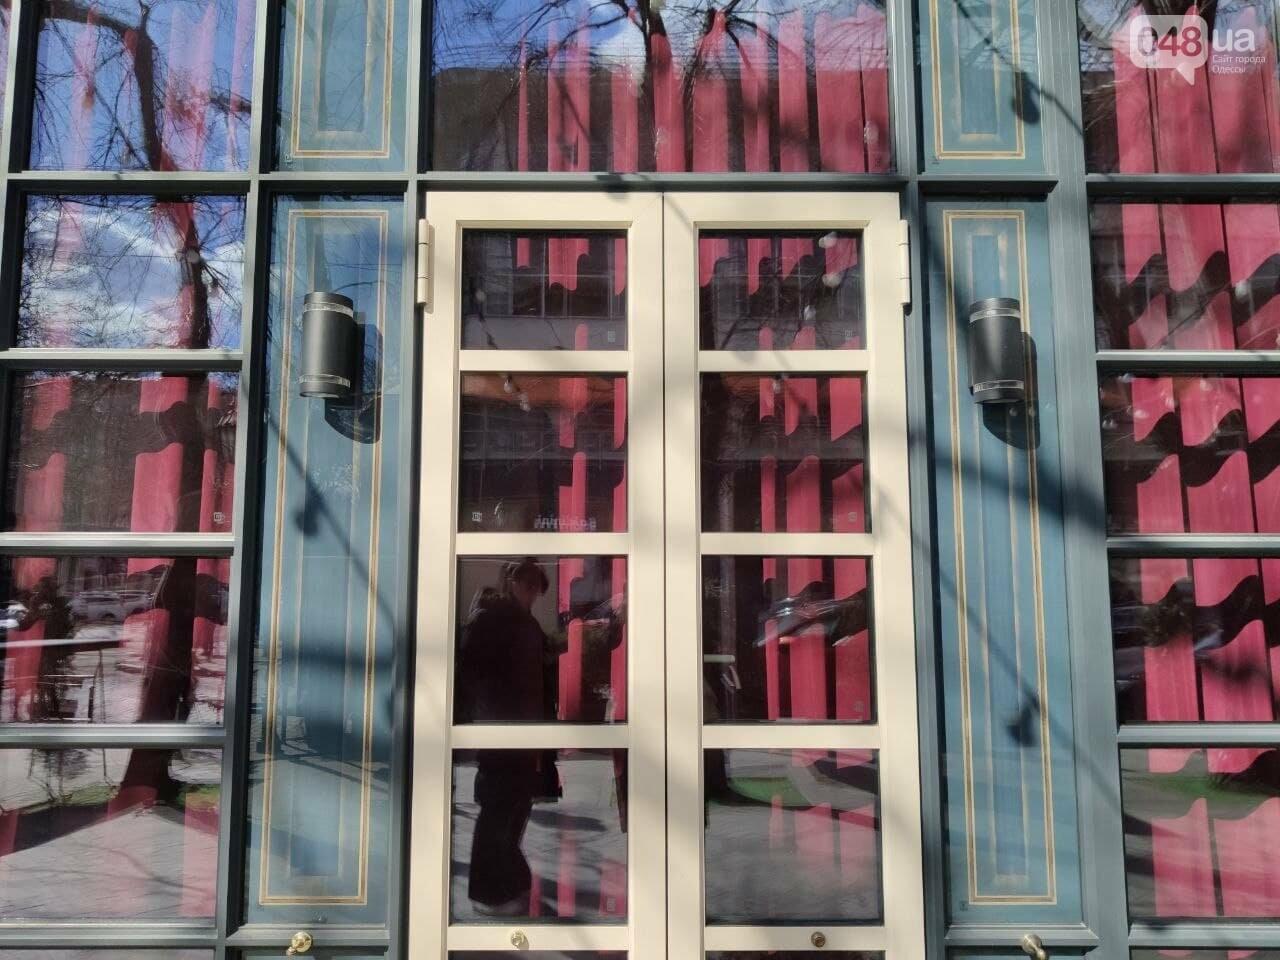 Закрыты не все: как в Одессе работают кафе и рестораны, - ФОТО, фото-4